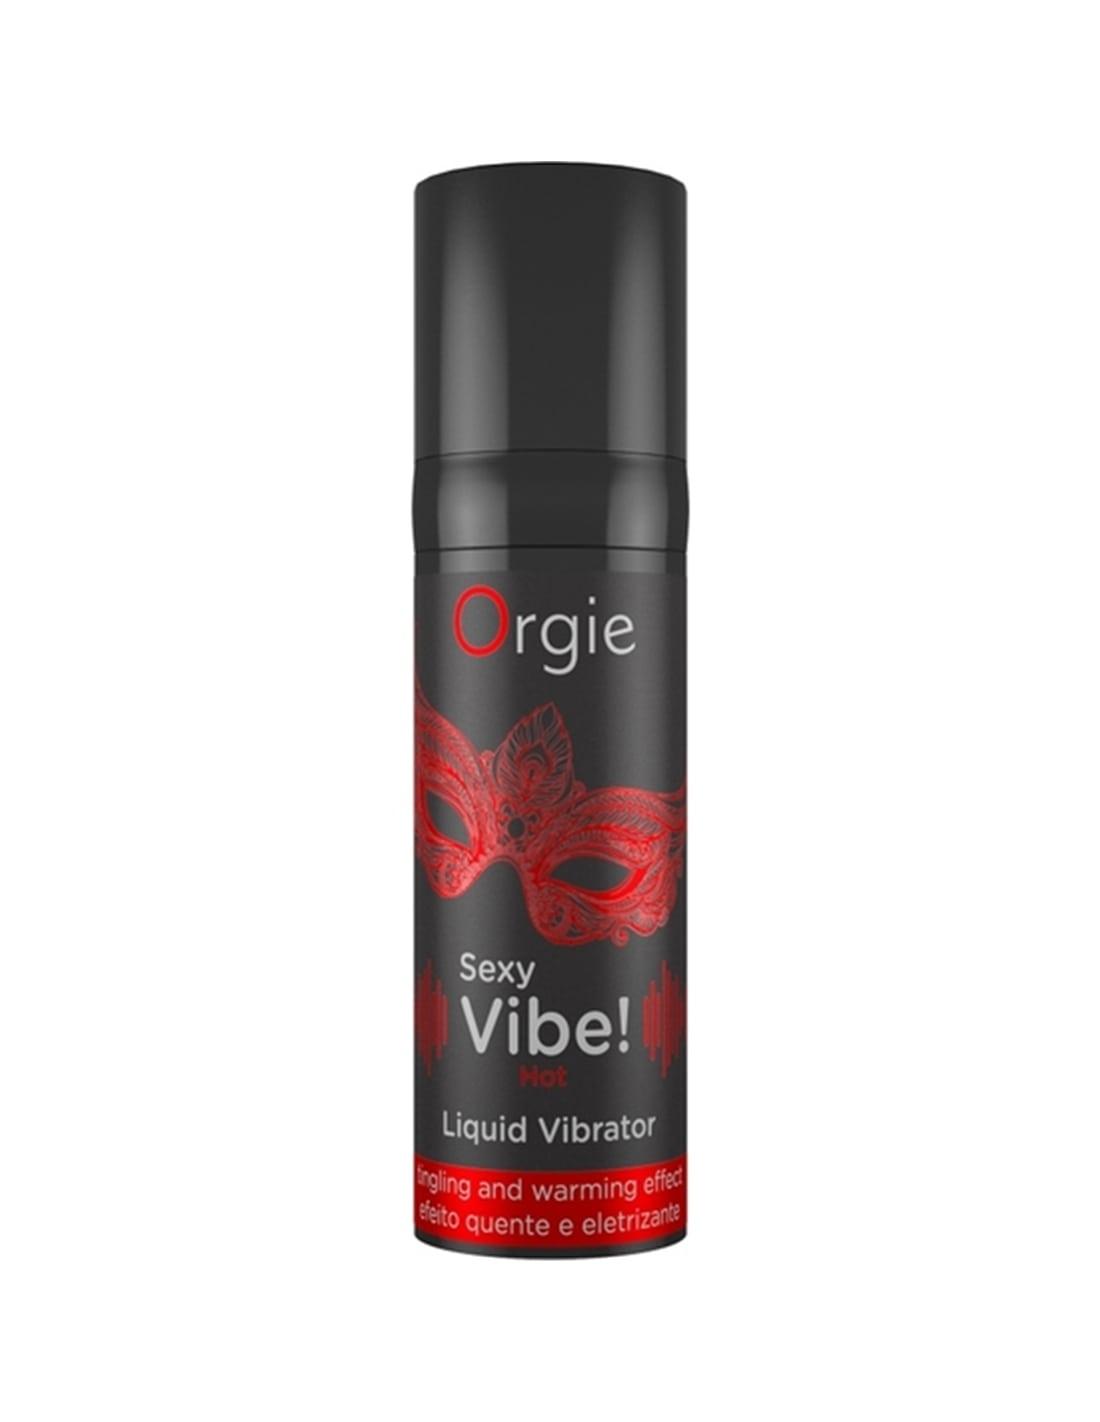 Sexy Vibe! Vibrador Líquido Efeito Aquicimento ORGIE 15ml - PR2010359559